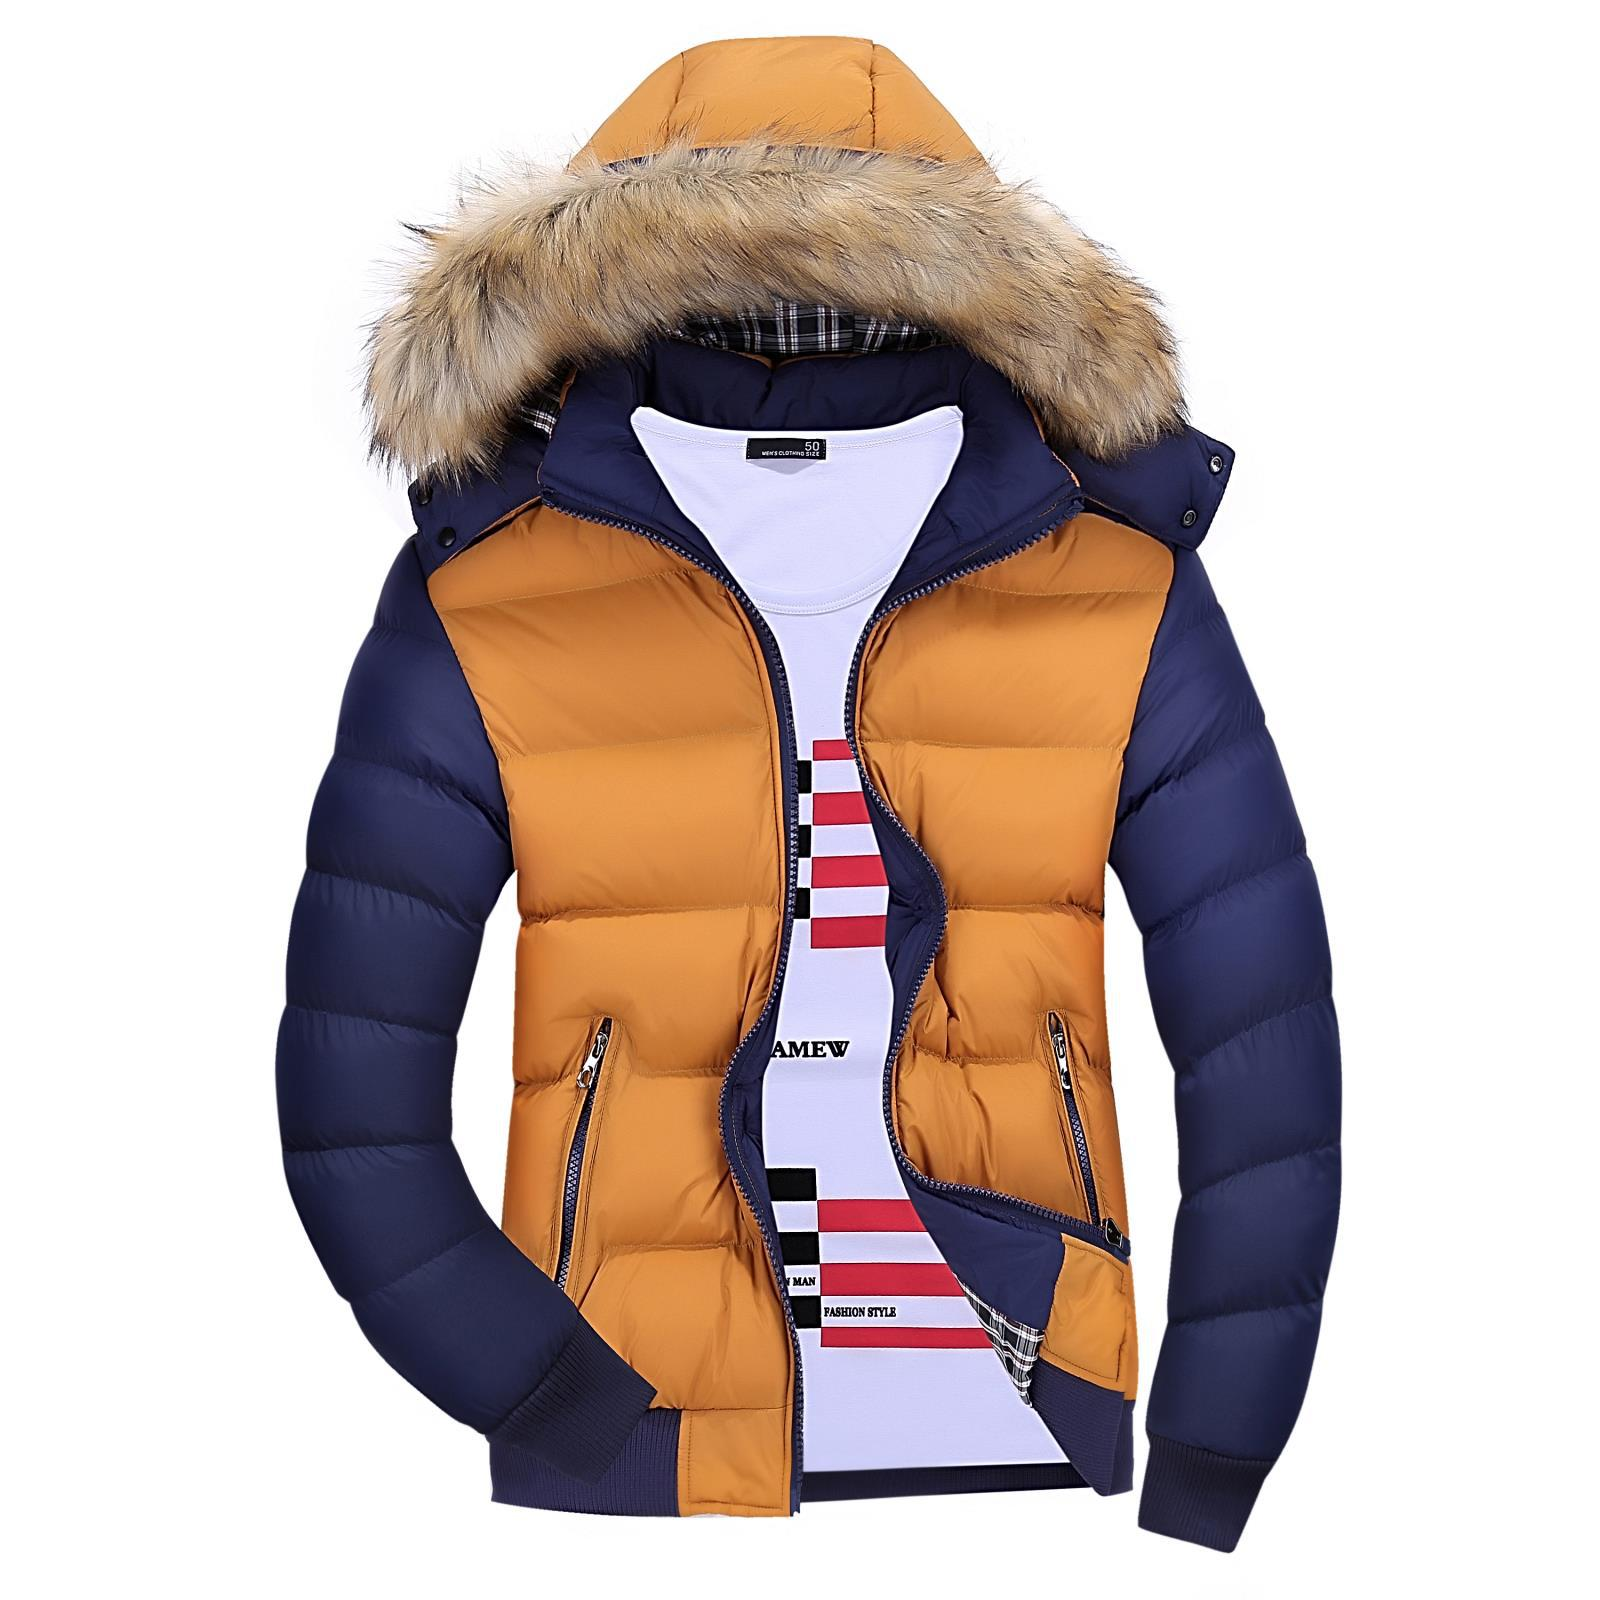 Мужская зимняя стеганая теплая с капюшоном хлопковая стеганая мужская хлопковая стеганая куртка мужские парки мужская зимняя куртка с кап...